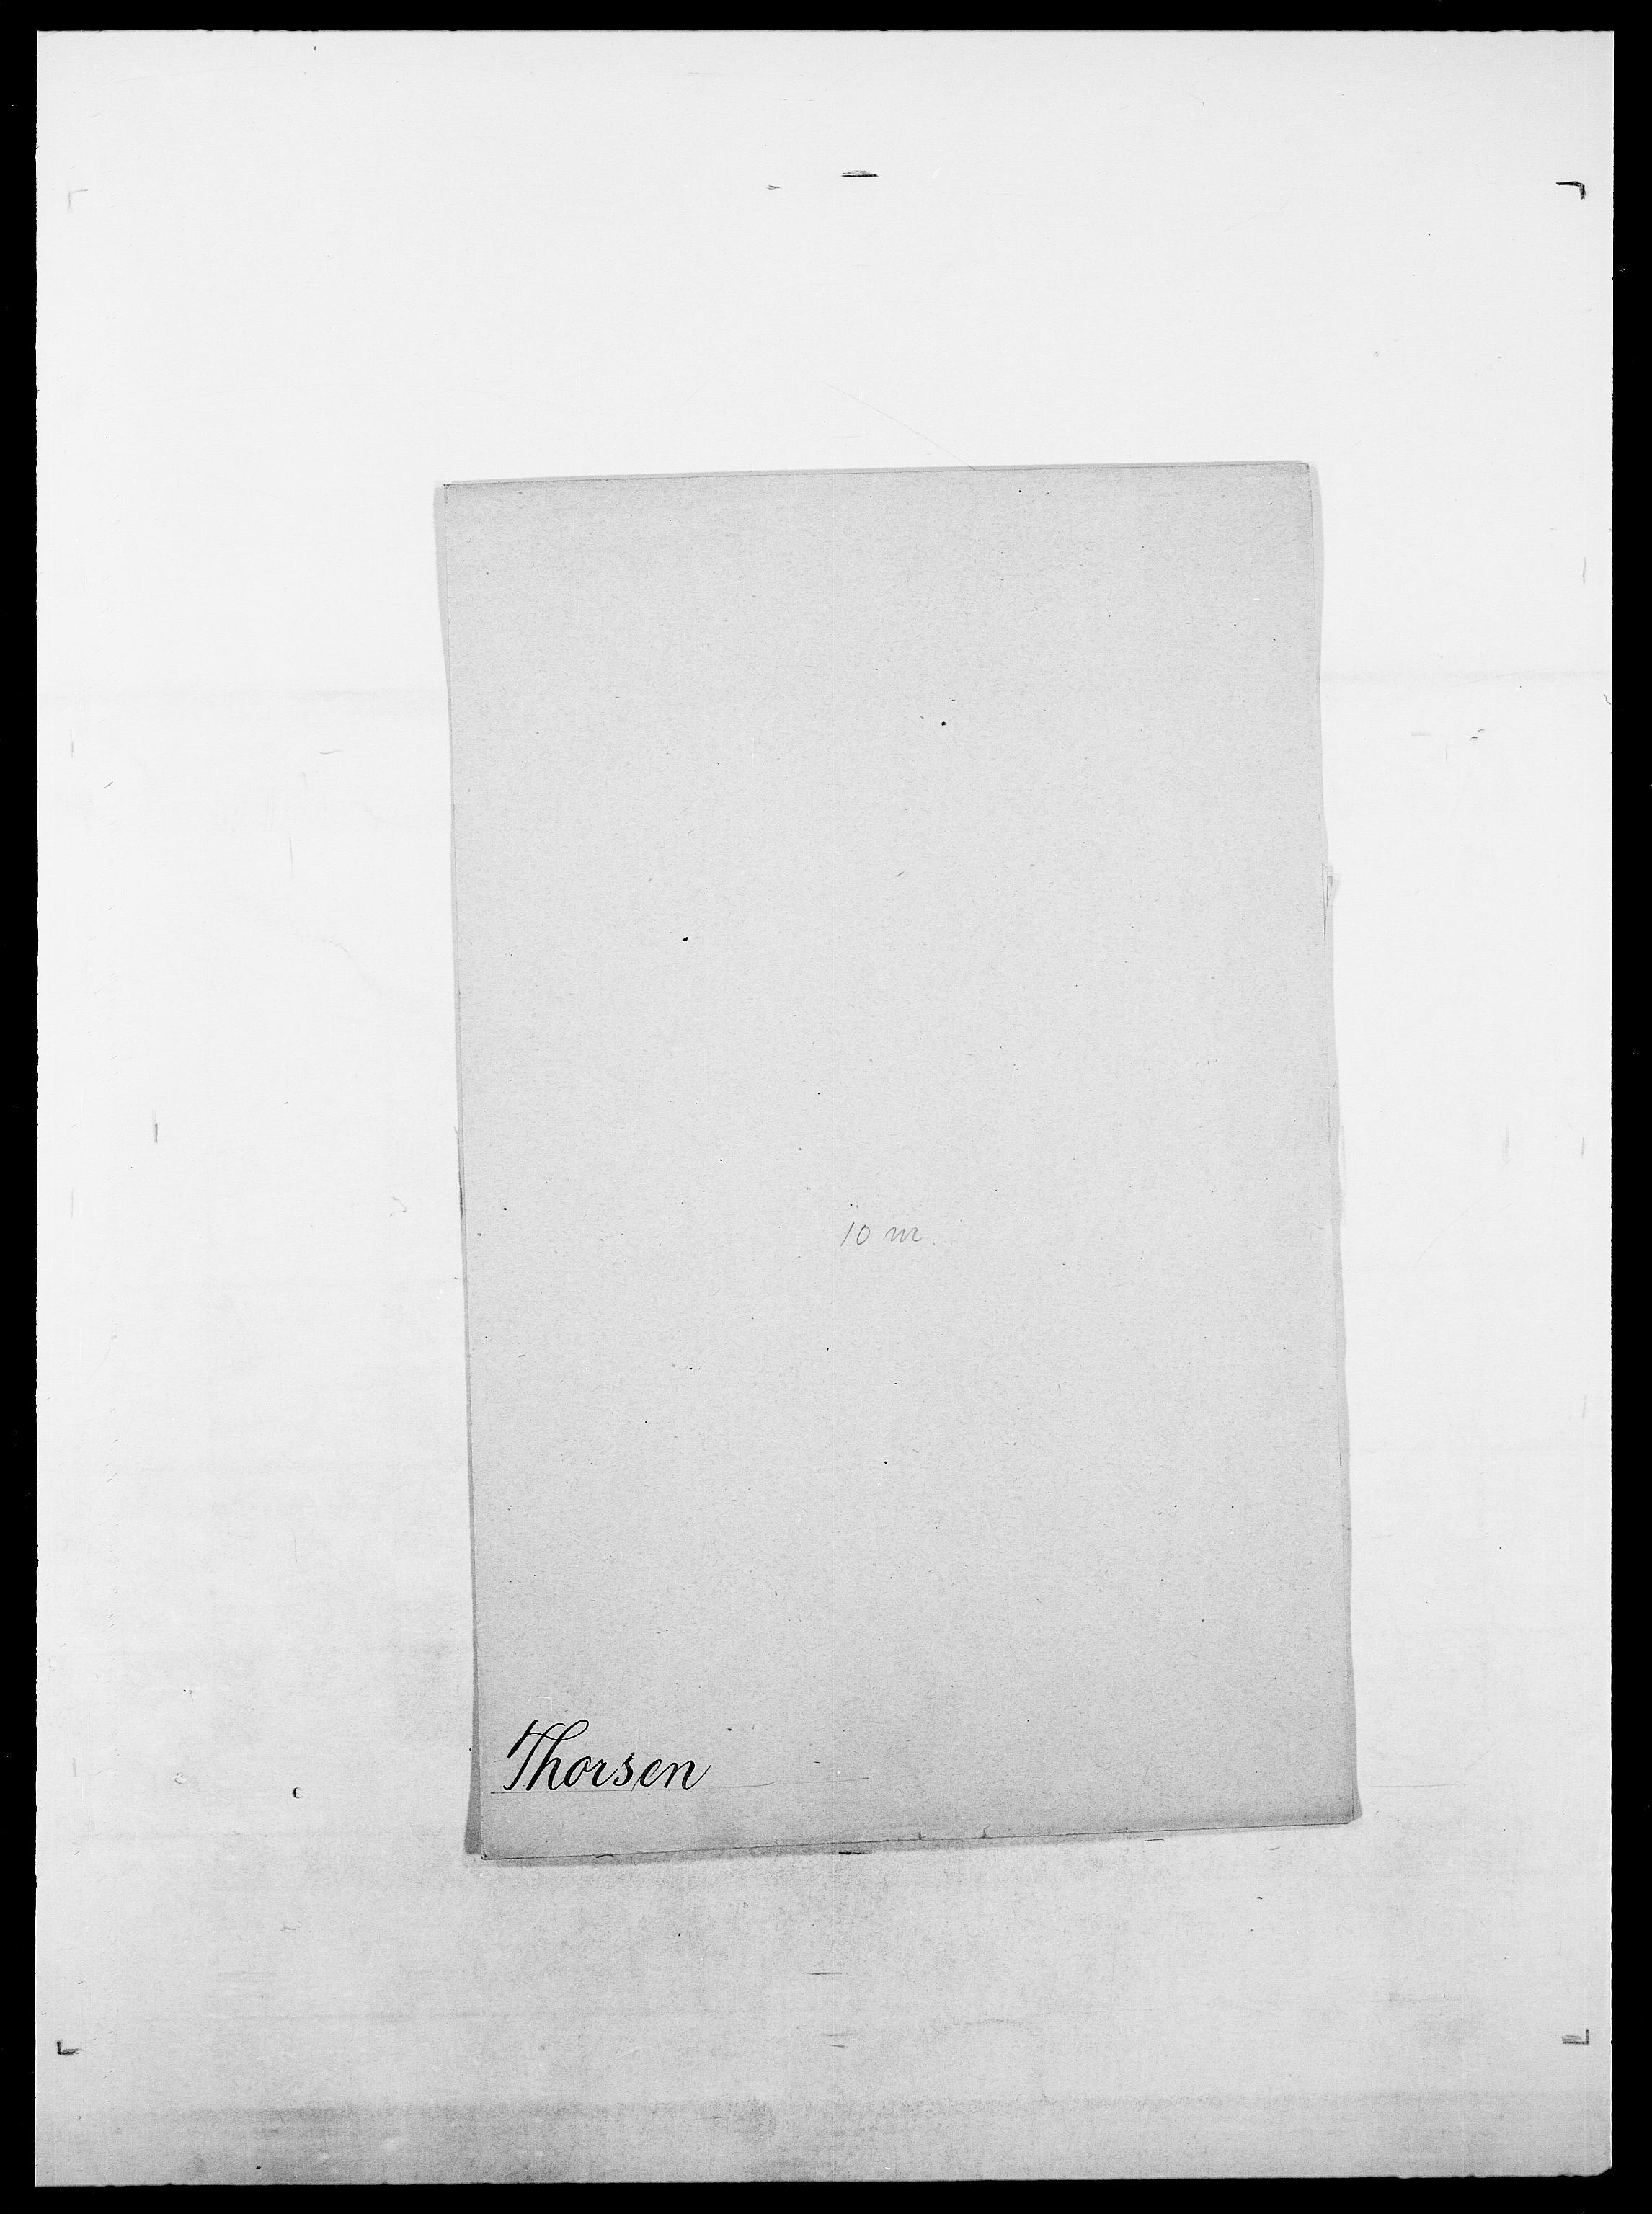 SAO, Delgobe, Charles Antoine - samling, D/Da/L0038: Svanenskjold - Thornsohn, s. 898